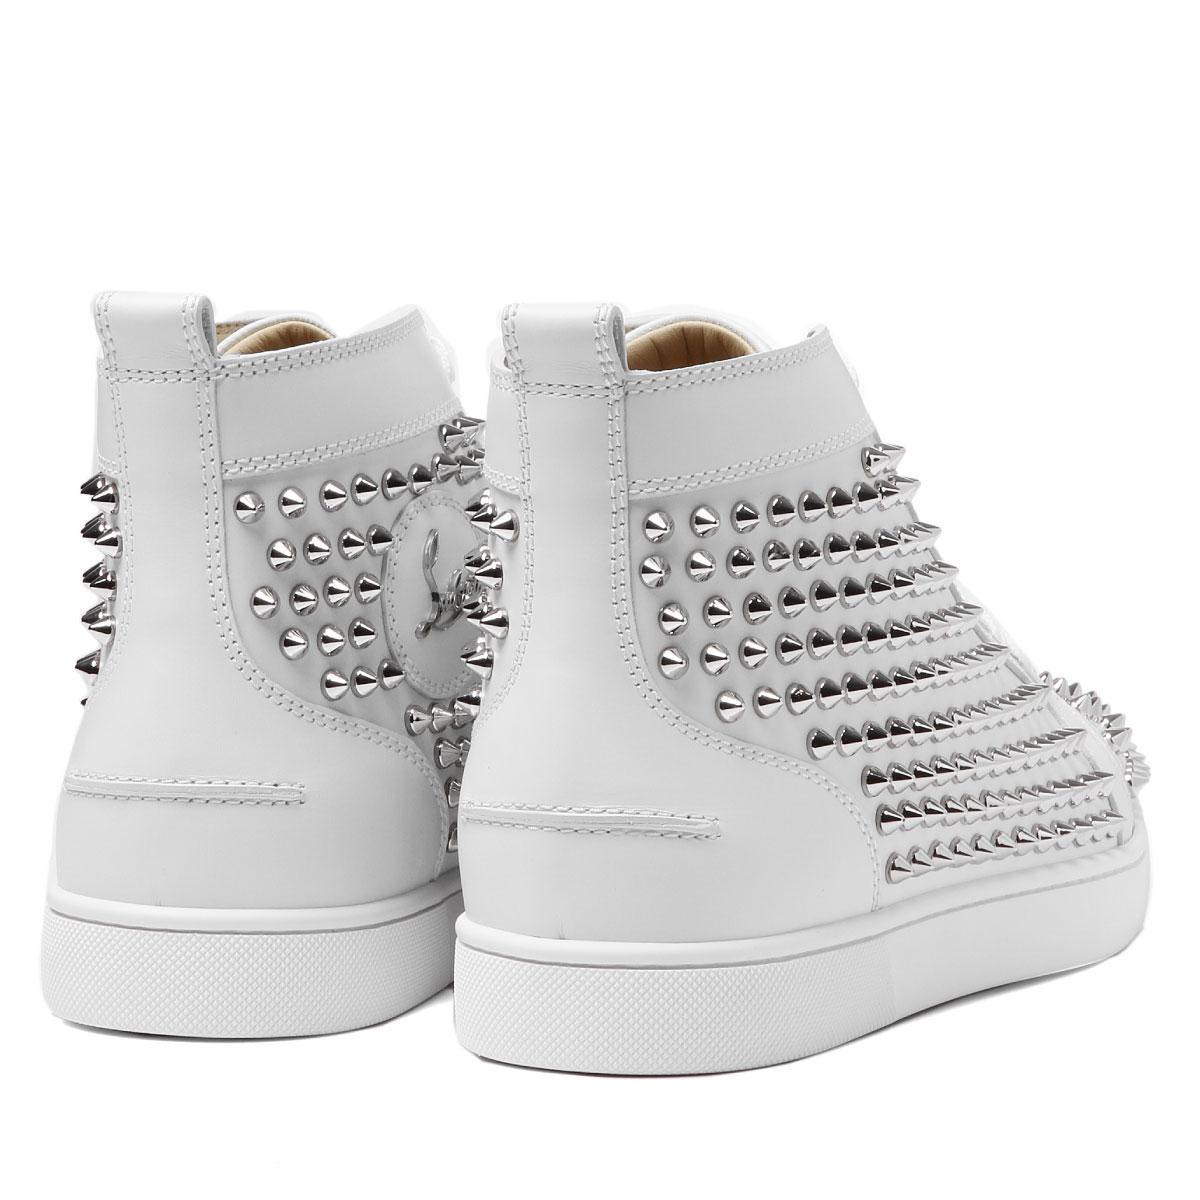 1101083 クリスチャンルブタン Christian Louboutin shoes men W083 sneakers higher  frequency elimination LOUIS FLAT SPIKES Lewis flat spikes LATTE SILVER white